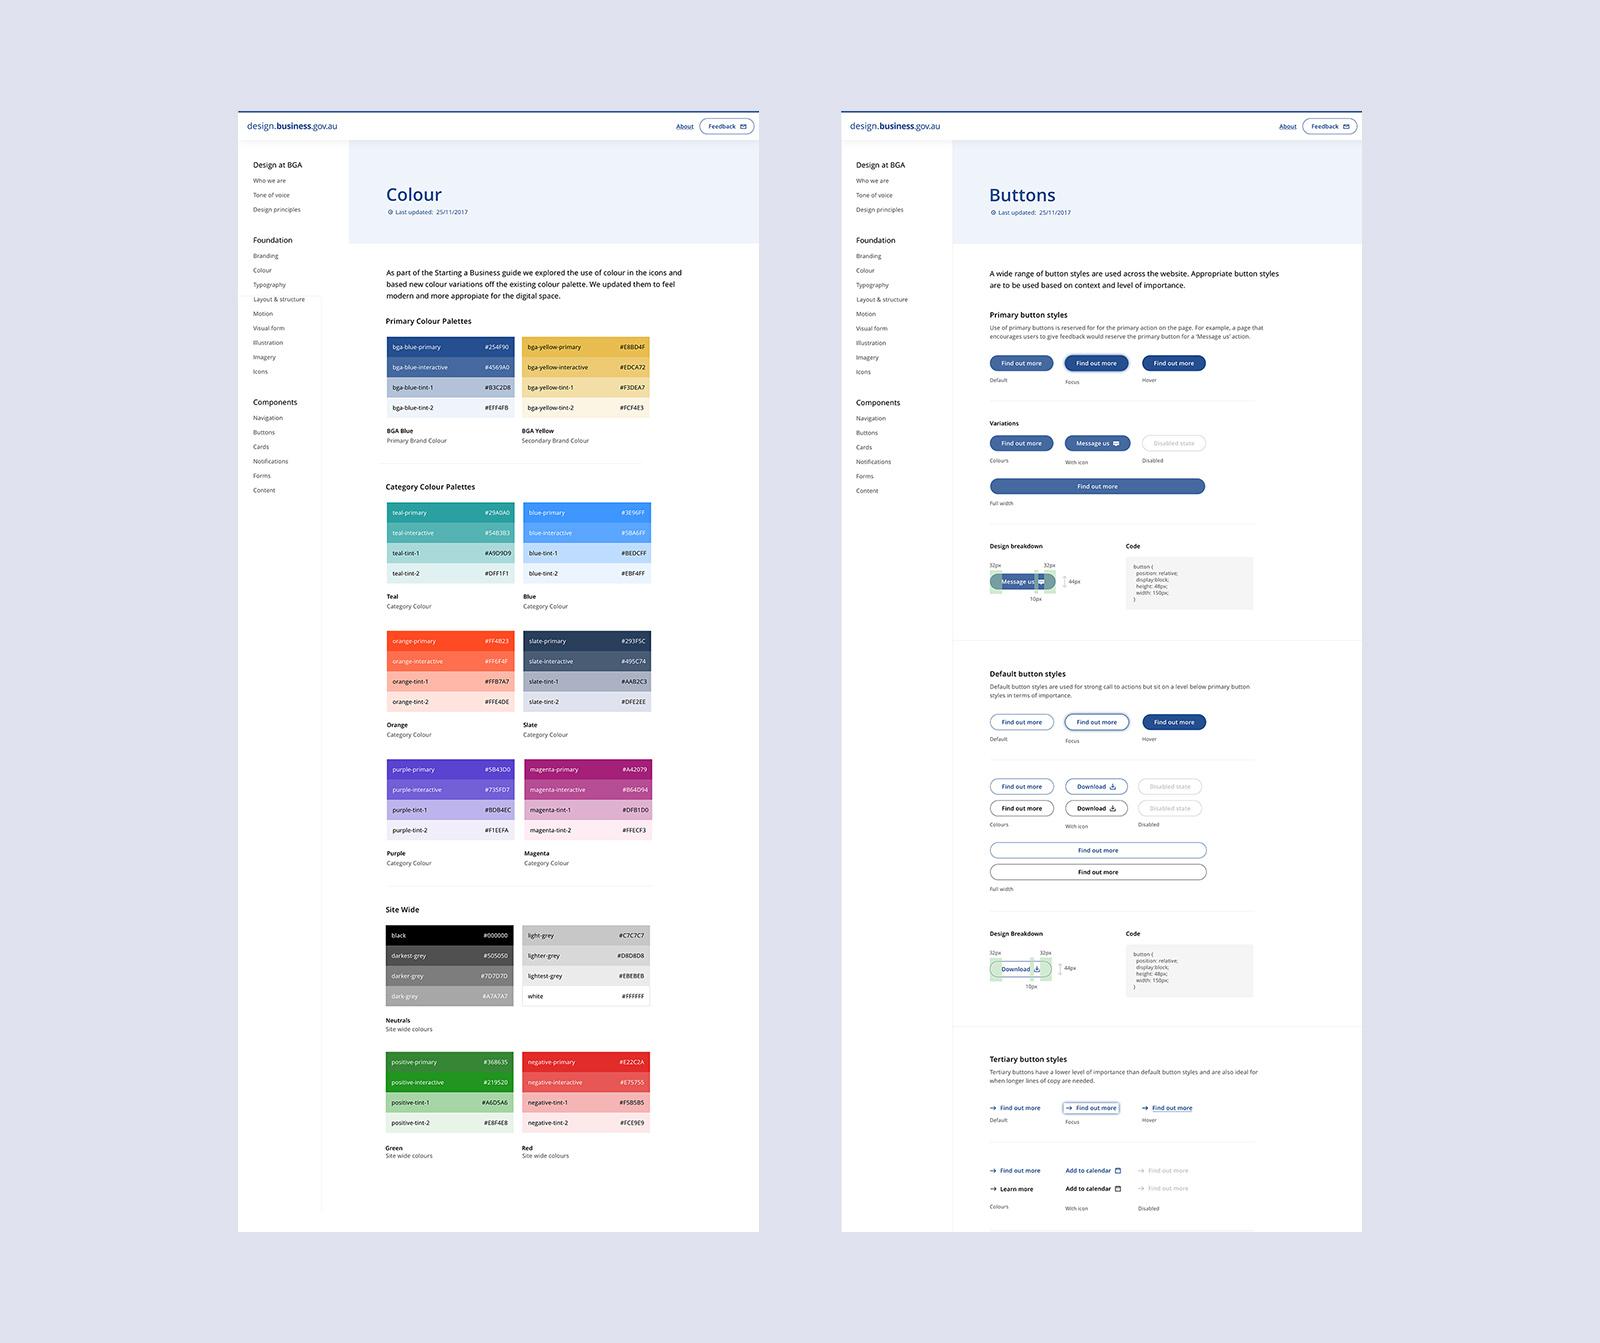 bga-designsystem-screens-1